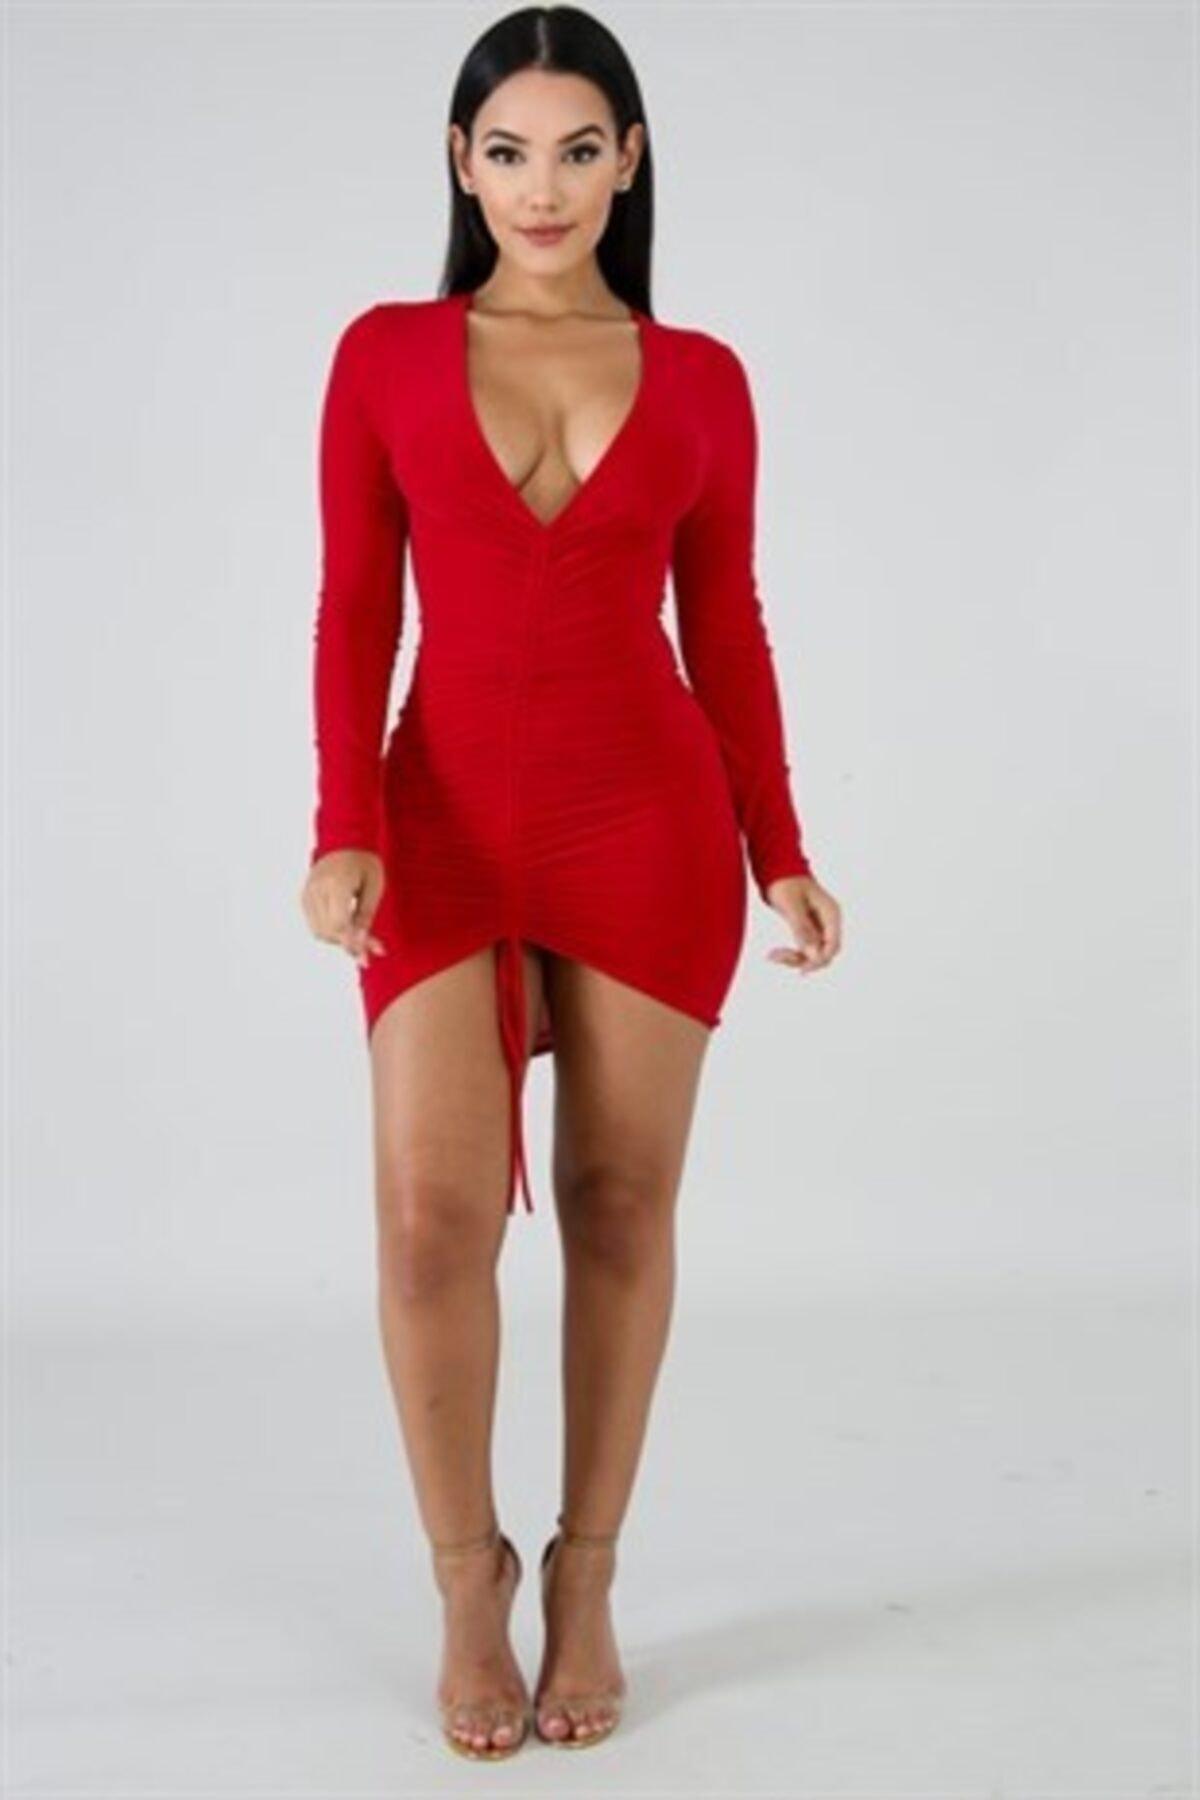 bayansepeti Kadın Kırmızı Esnek Sandy Kumaş Göğüs Dekolteli Bağcık Detaylı Mini Gece Elbisesi 2